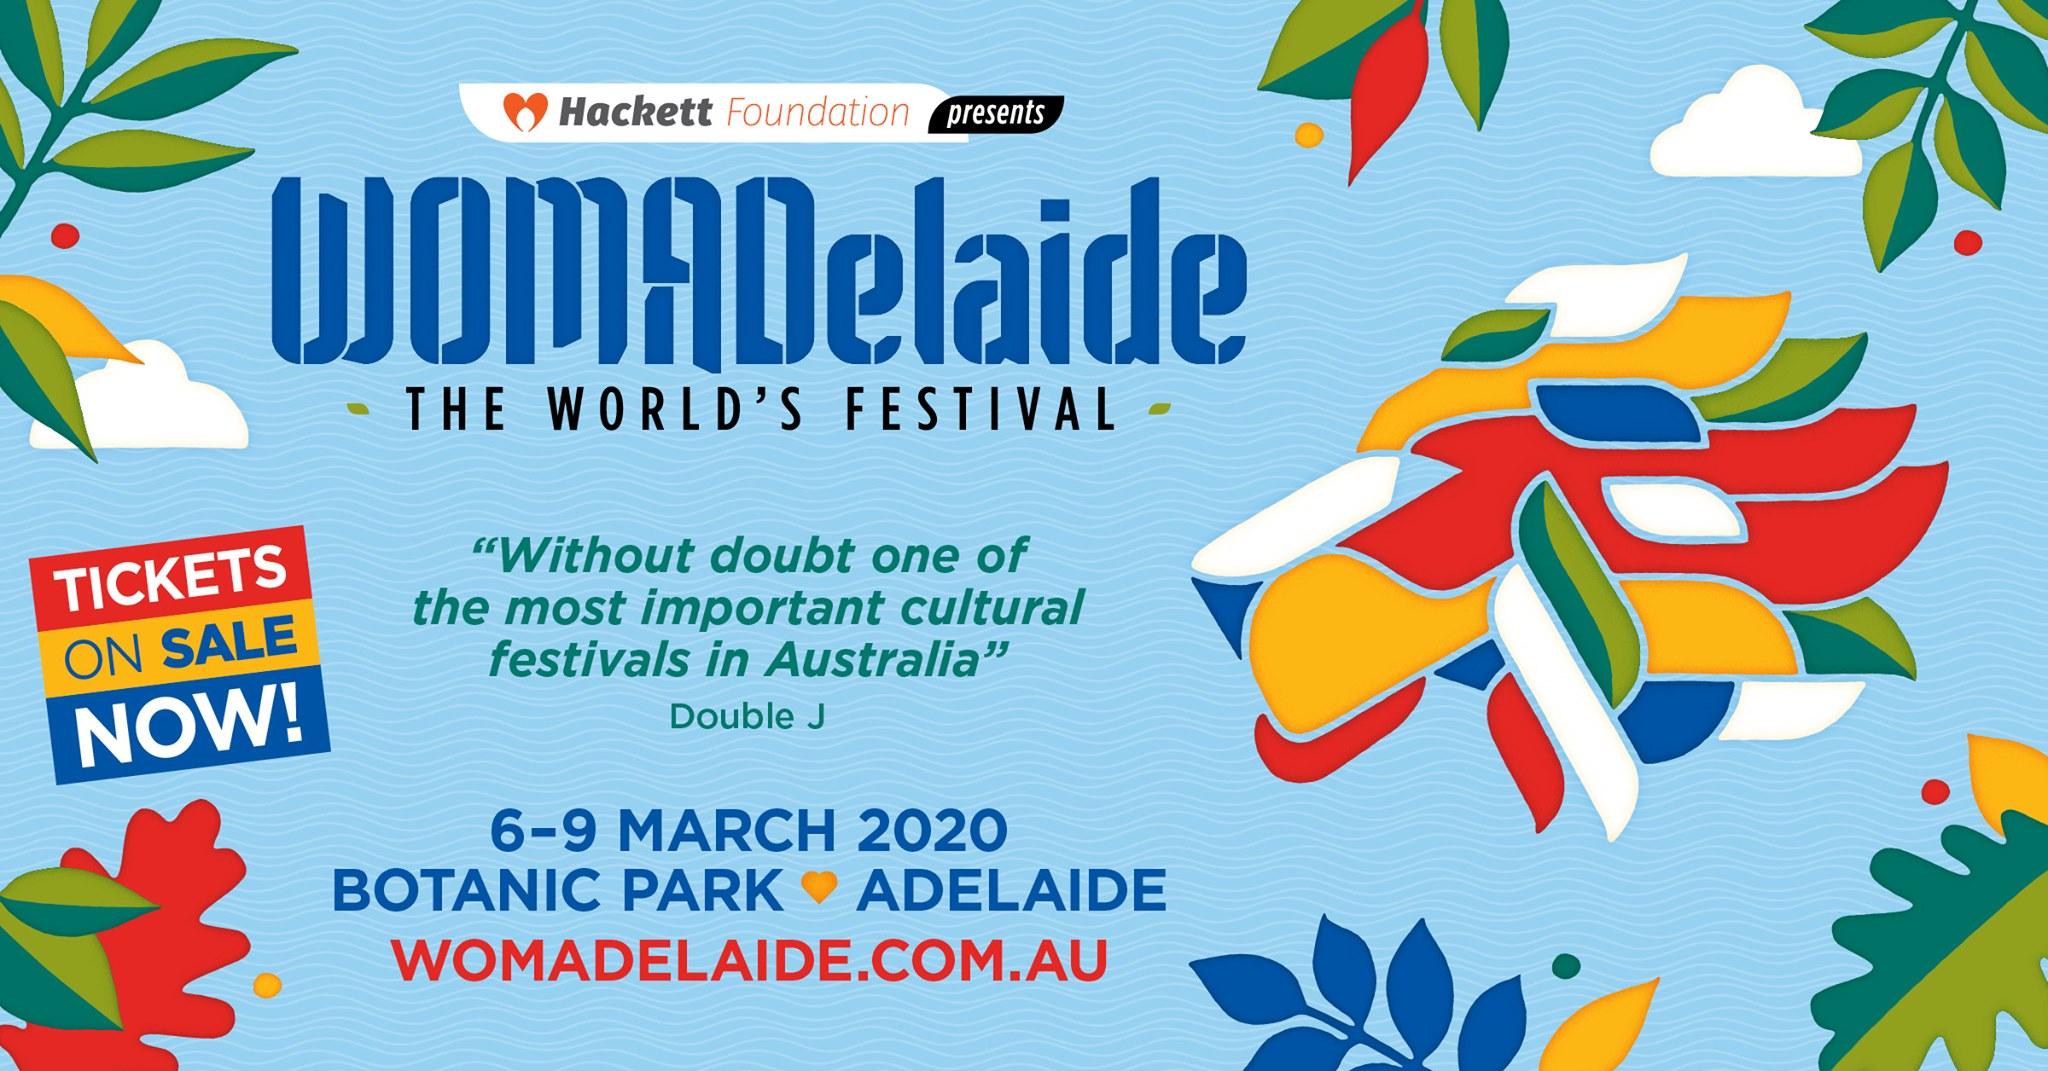 Womadelaide Festival, Australia 2020